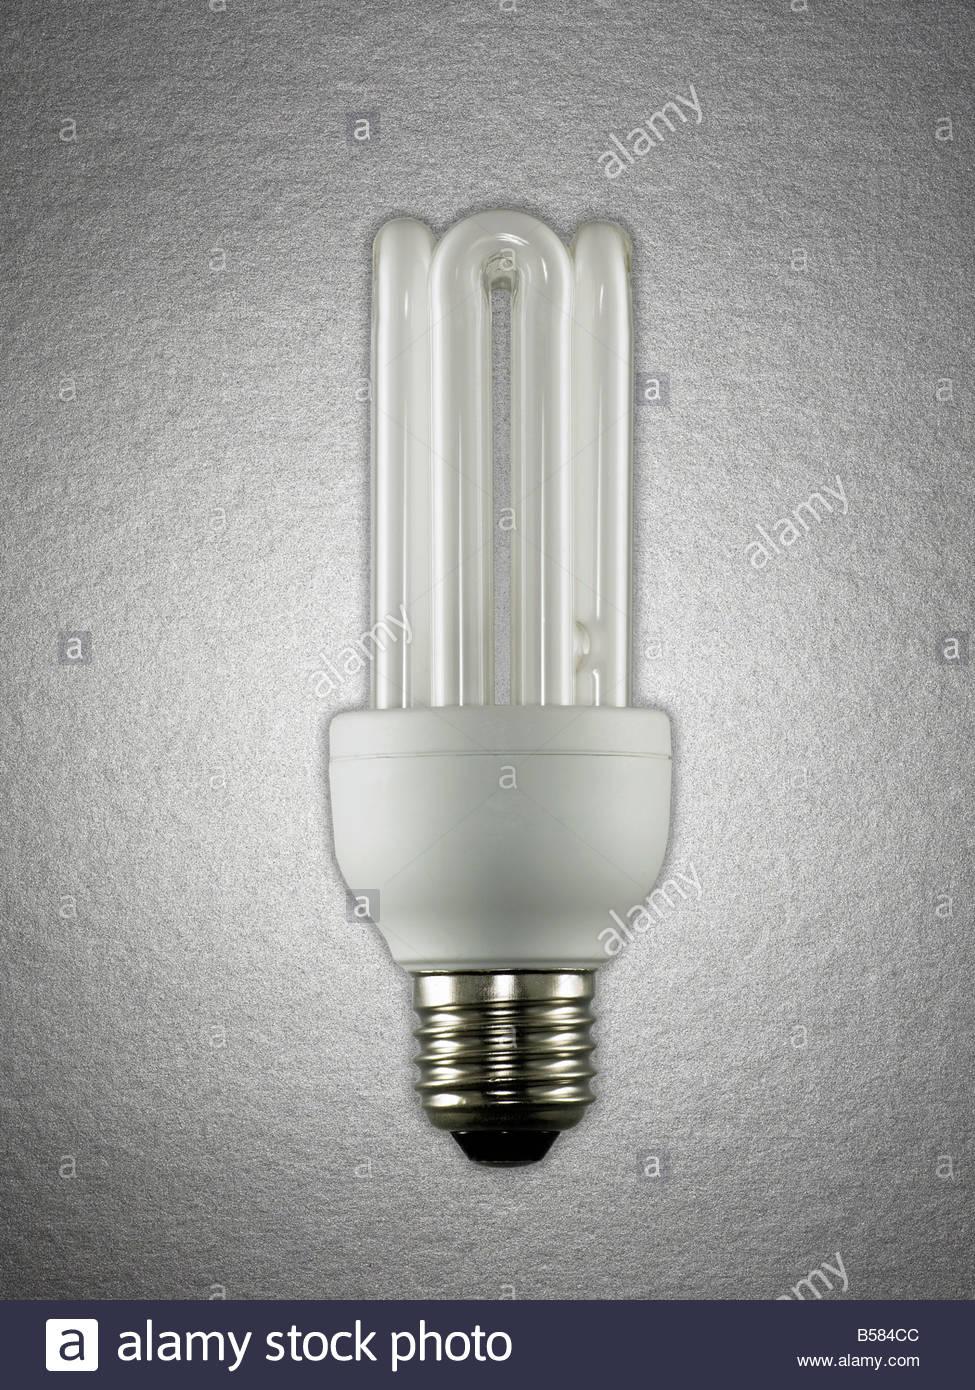 Bombilla de eficiencia energética Imagen De Stock